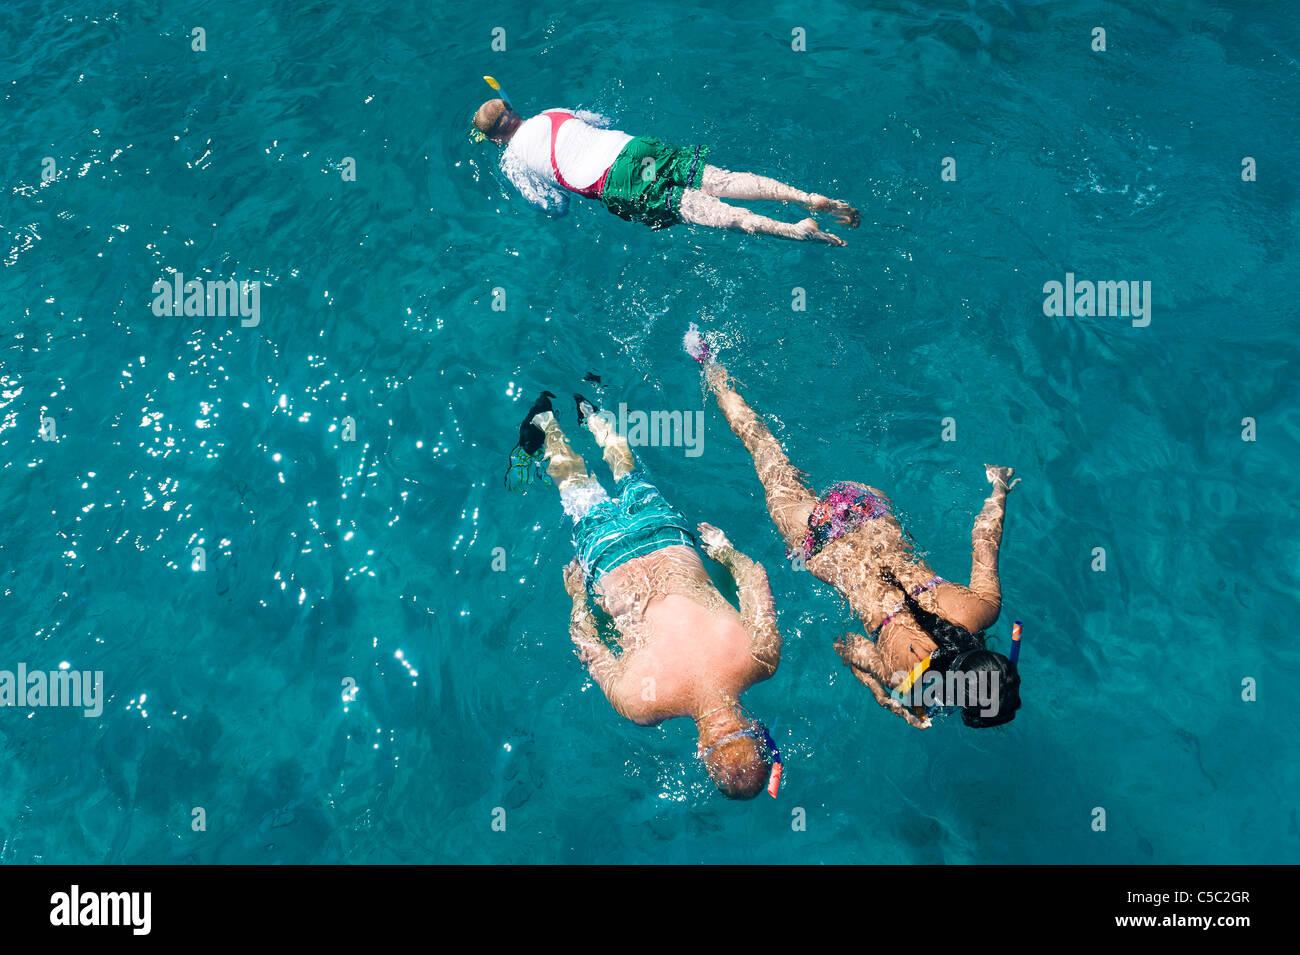 Draufsicht von drei Jugendlichen im türkisfarbenen Wasser Schnorcheln Stockfoto